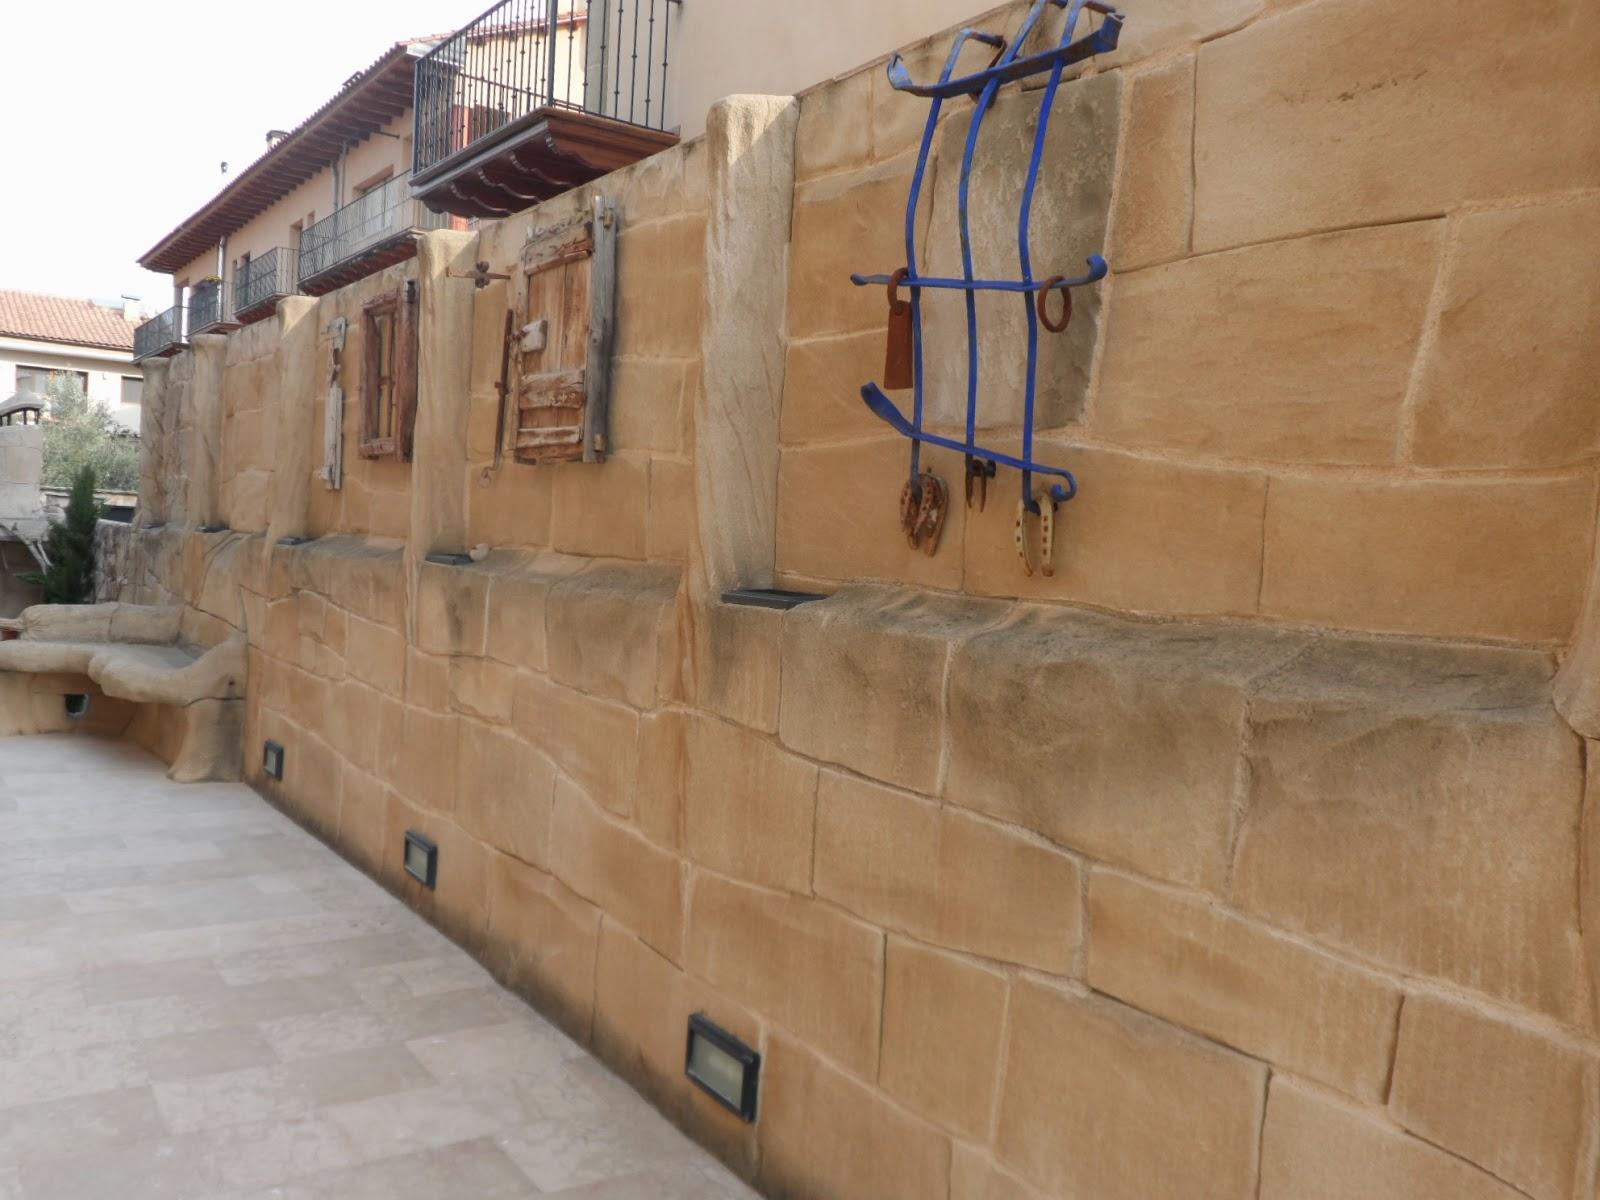 Muros piedra artificial estecha reproducciones - Pared de piedra artificial ...